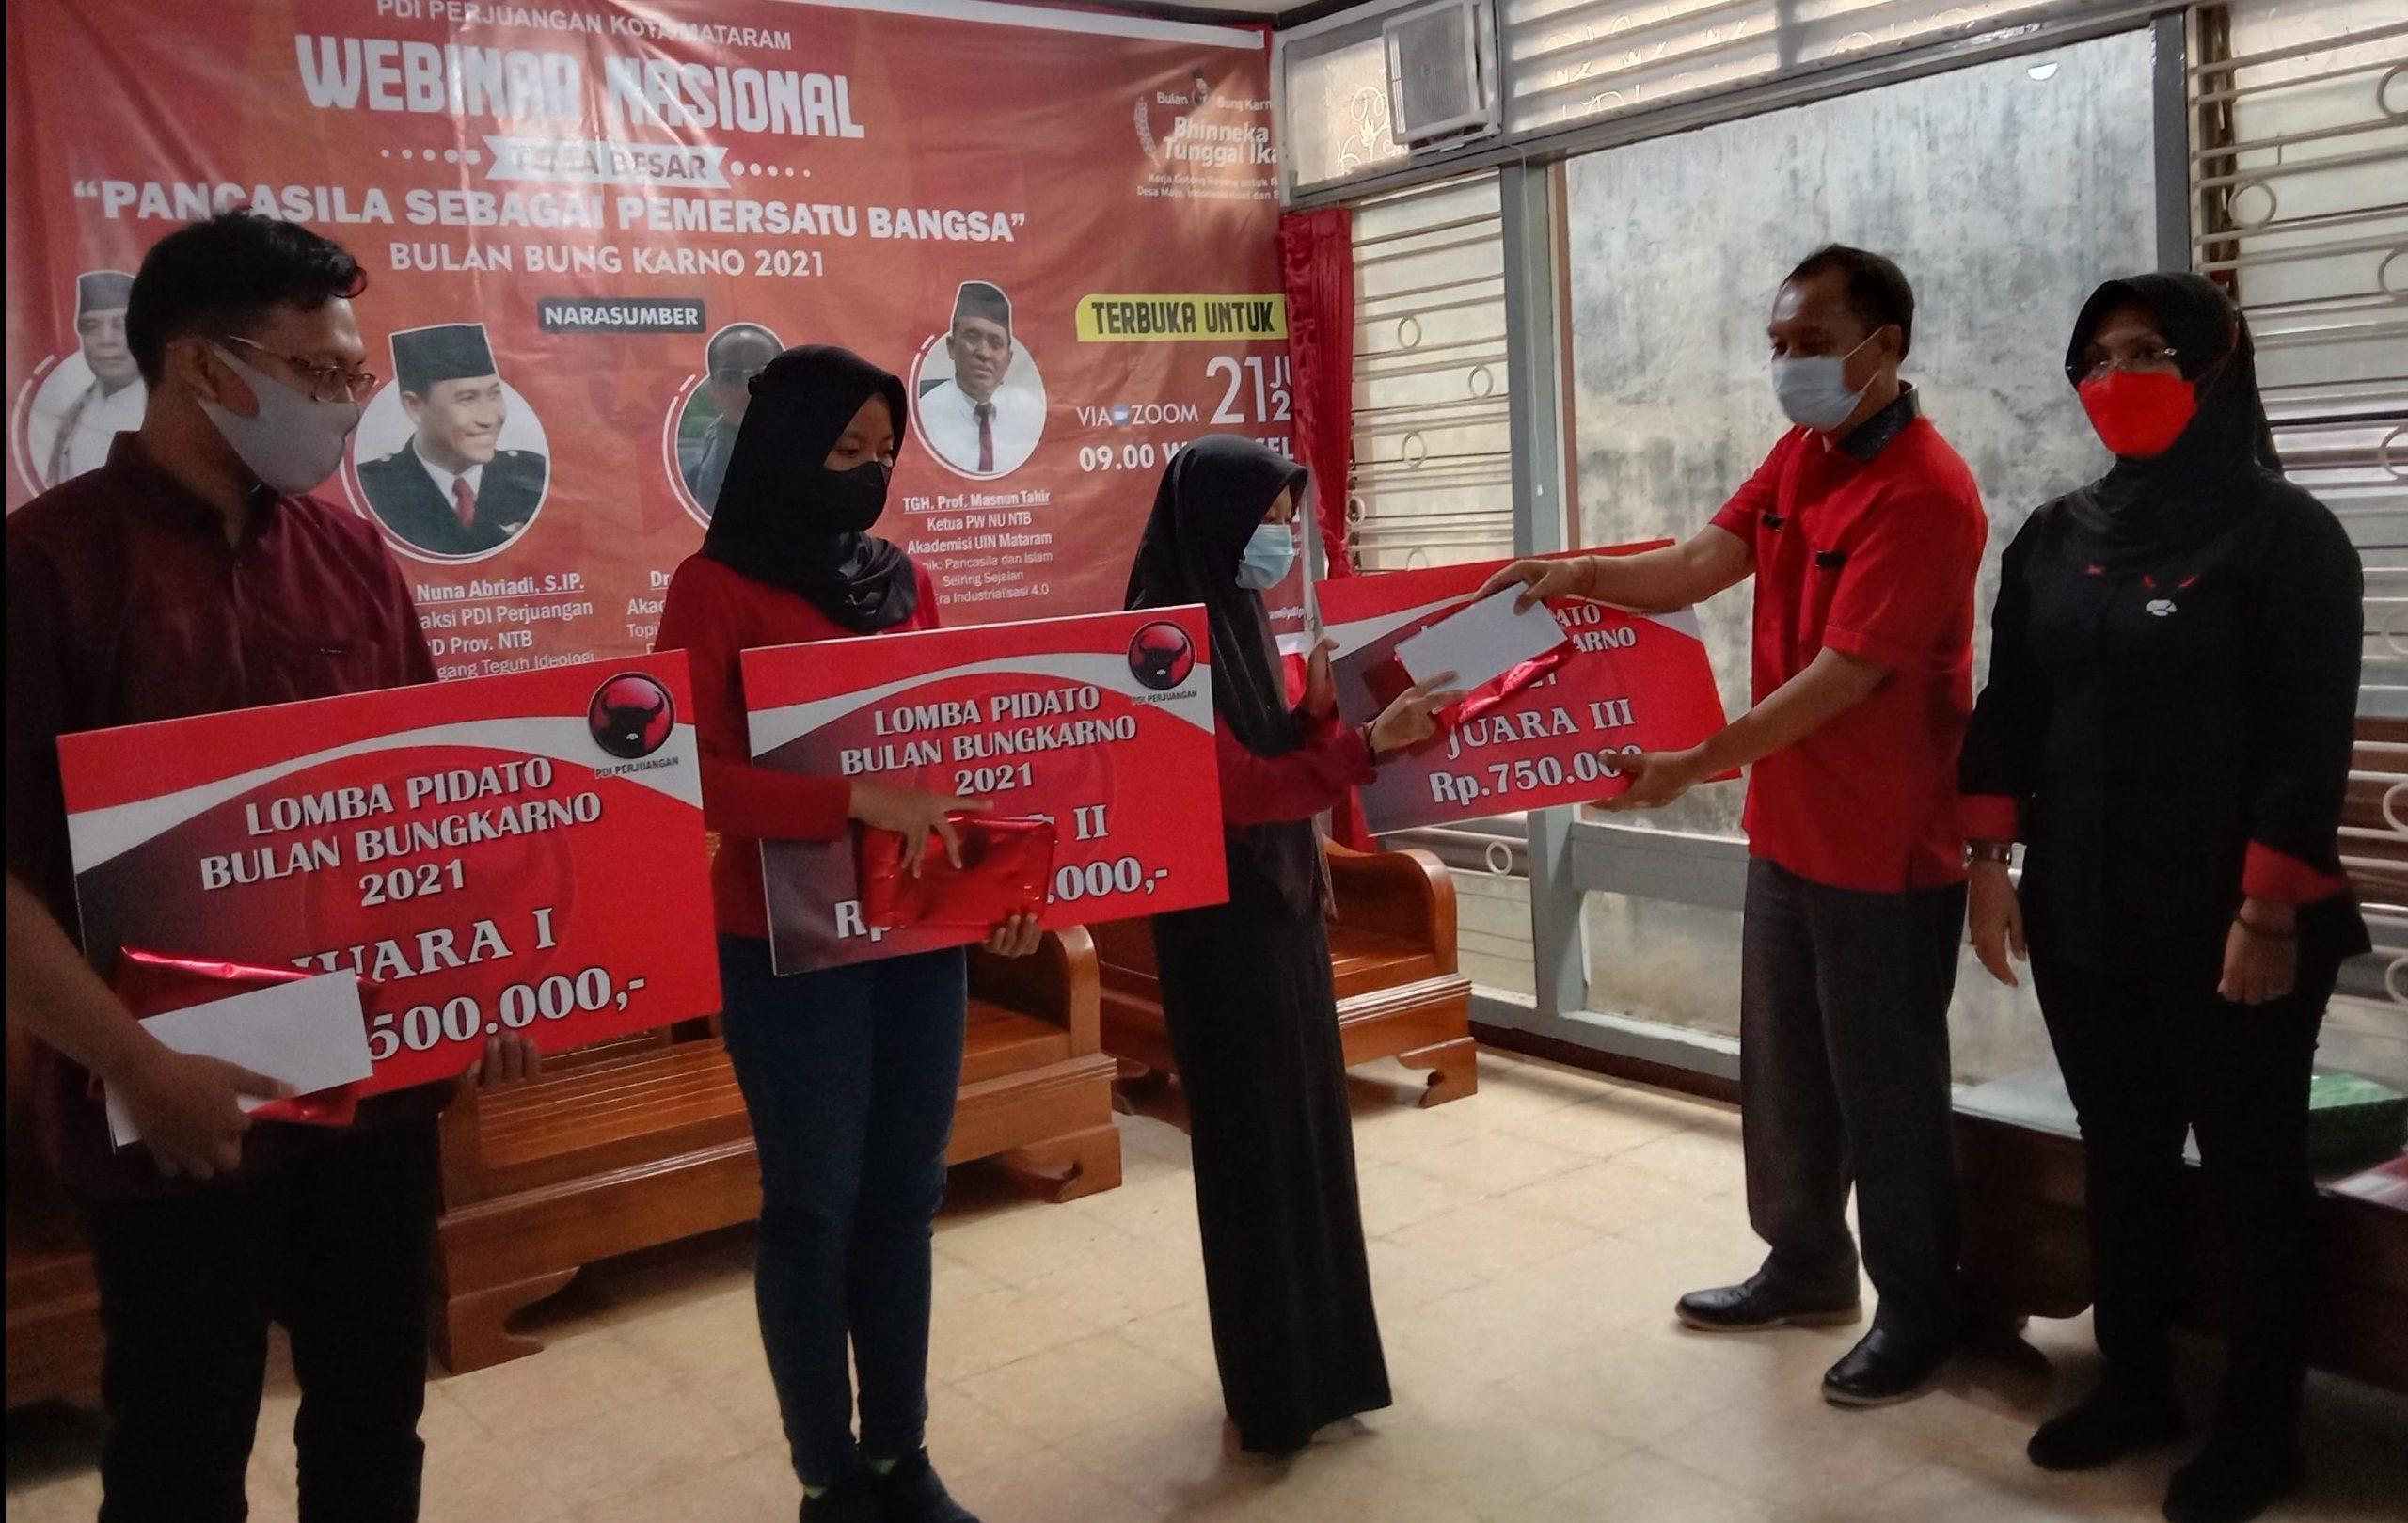 KETUA DPC PDIP Kota Mataram, Made Slamet, didampingi Sekretaris Nyayu Ernawati saat menyerahkan juara lomba pidato mirip Bung Karno kepada tiga pelajar dan mahasiswa di Kota Mataram, Senin (21/6/2021). Foto: rul